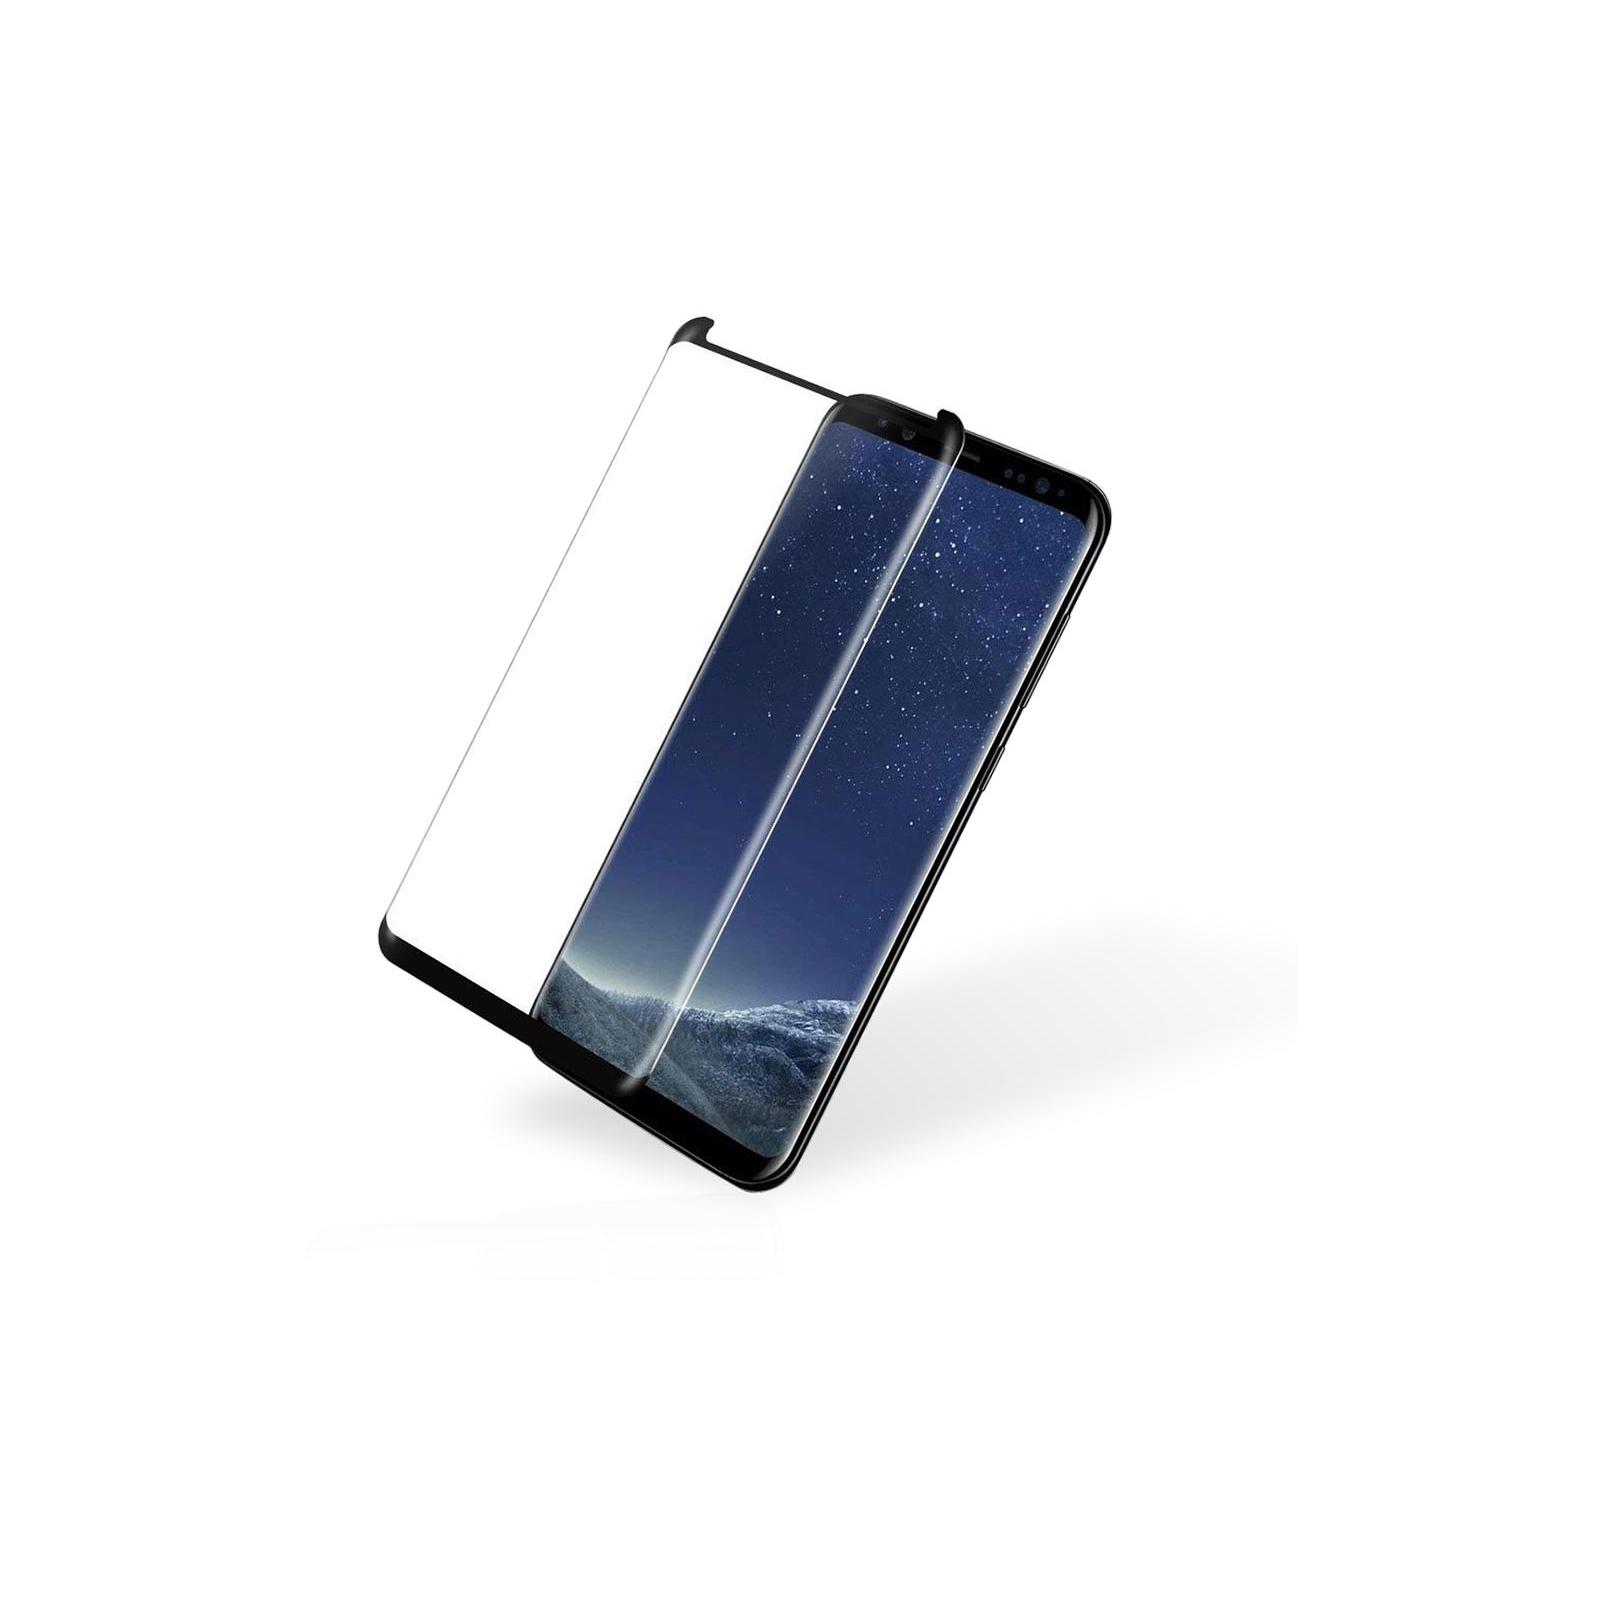 Стекло защитное Vinga для Samsung Galaxy S8 Plus (G955) (VTPGS-G955) изображение 3